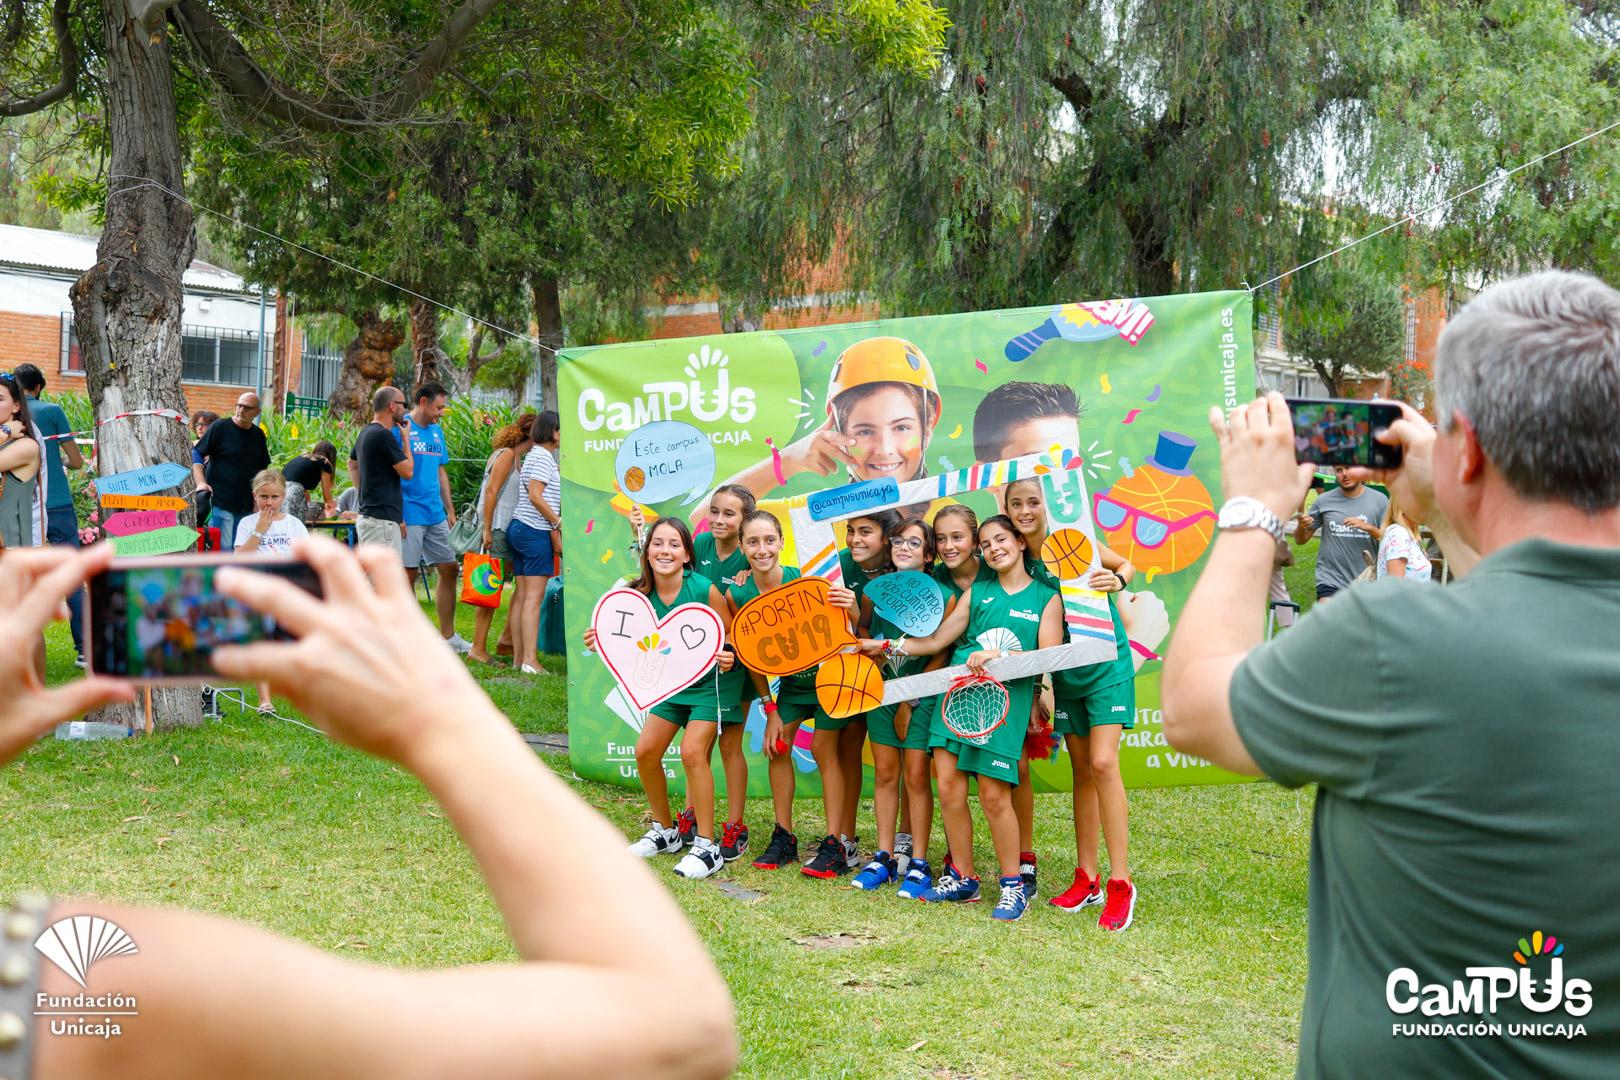 Clausura Turno 1 Y Llegada Turno 2 Del Campus Fundación Unicaja Baloncesto 2019